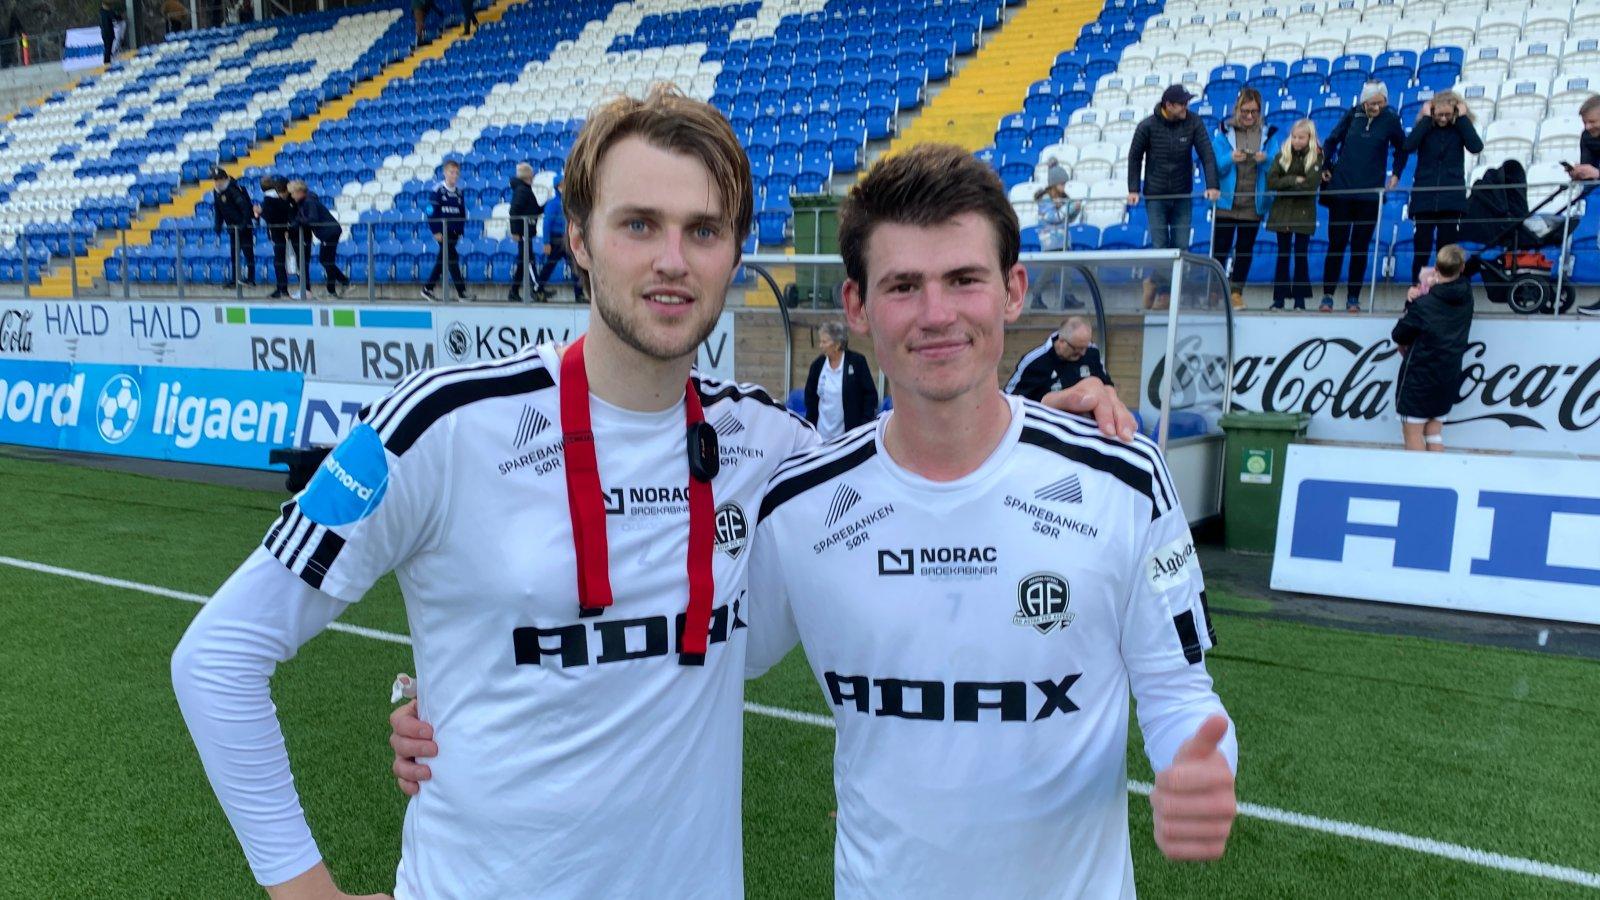 Kristian Strande og Preben Skeie var Arendals målscorere mot Notodden.